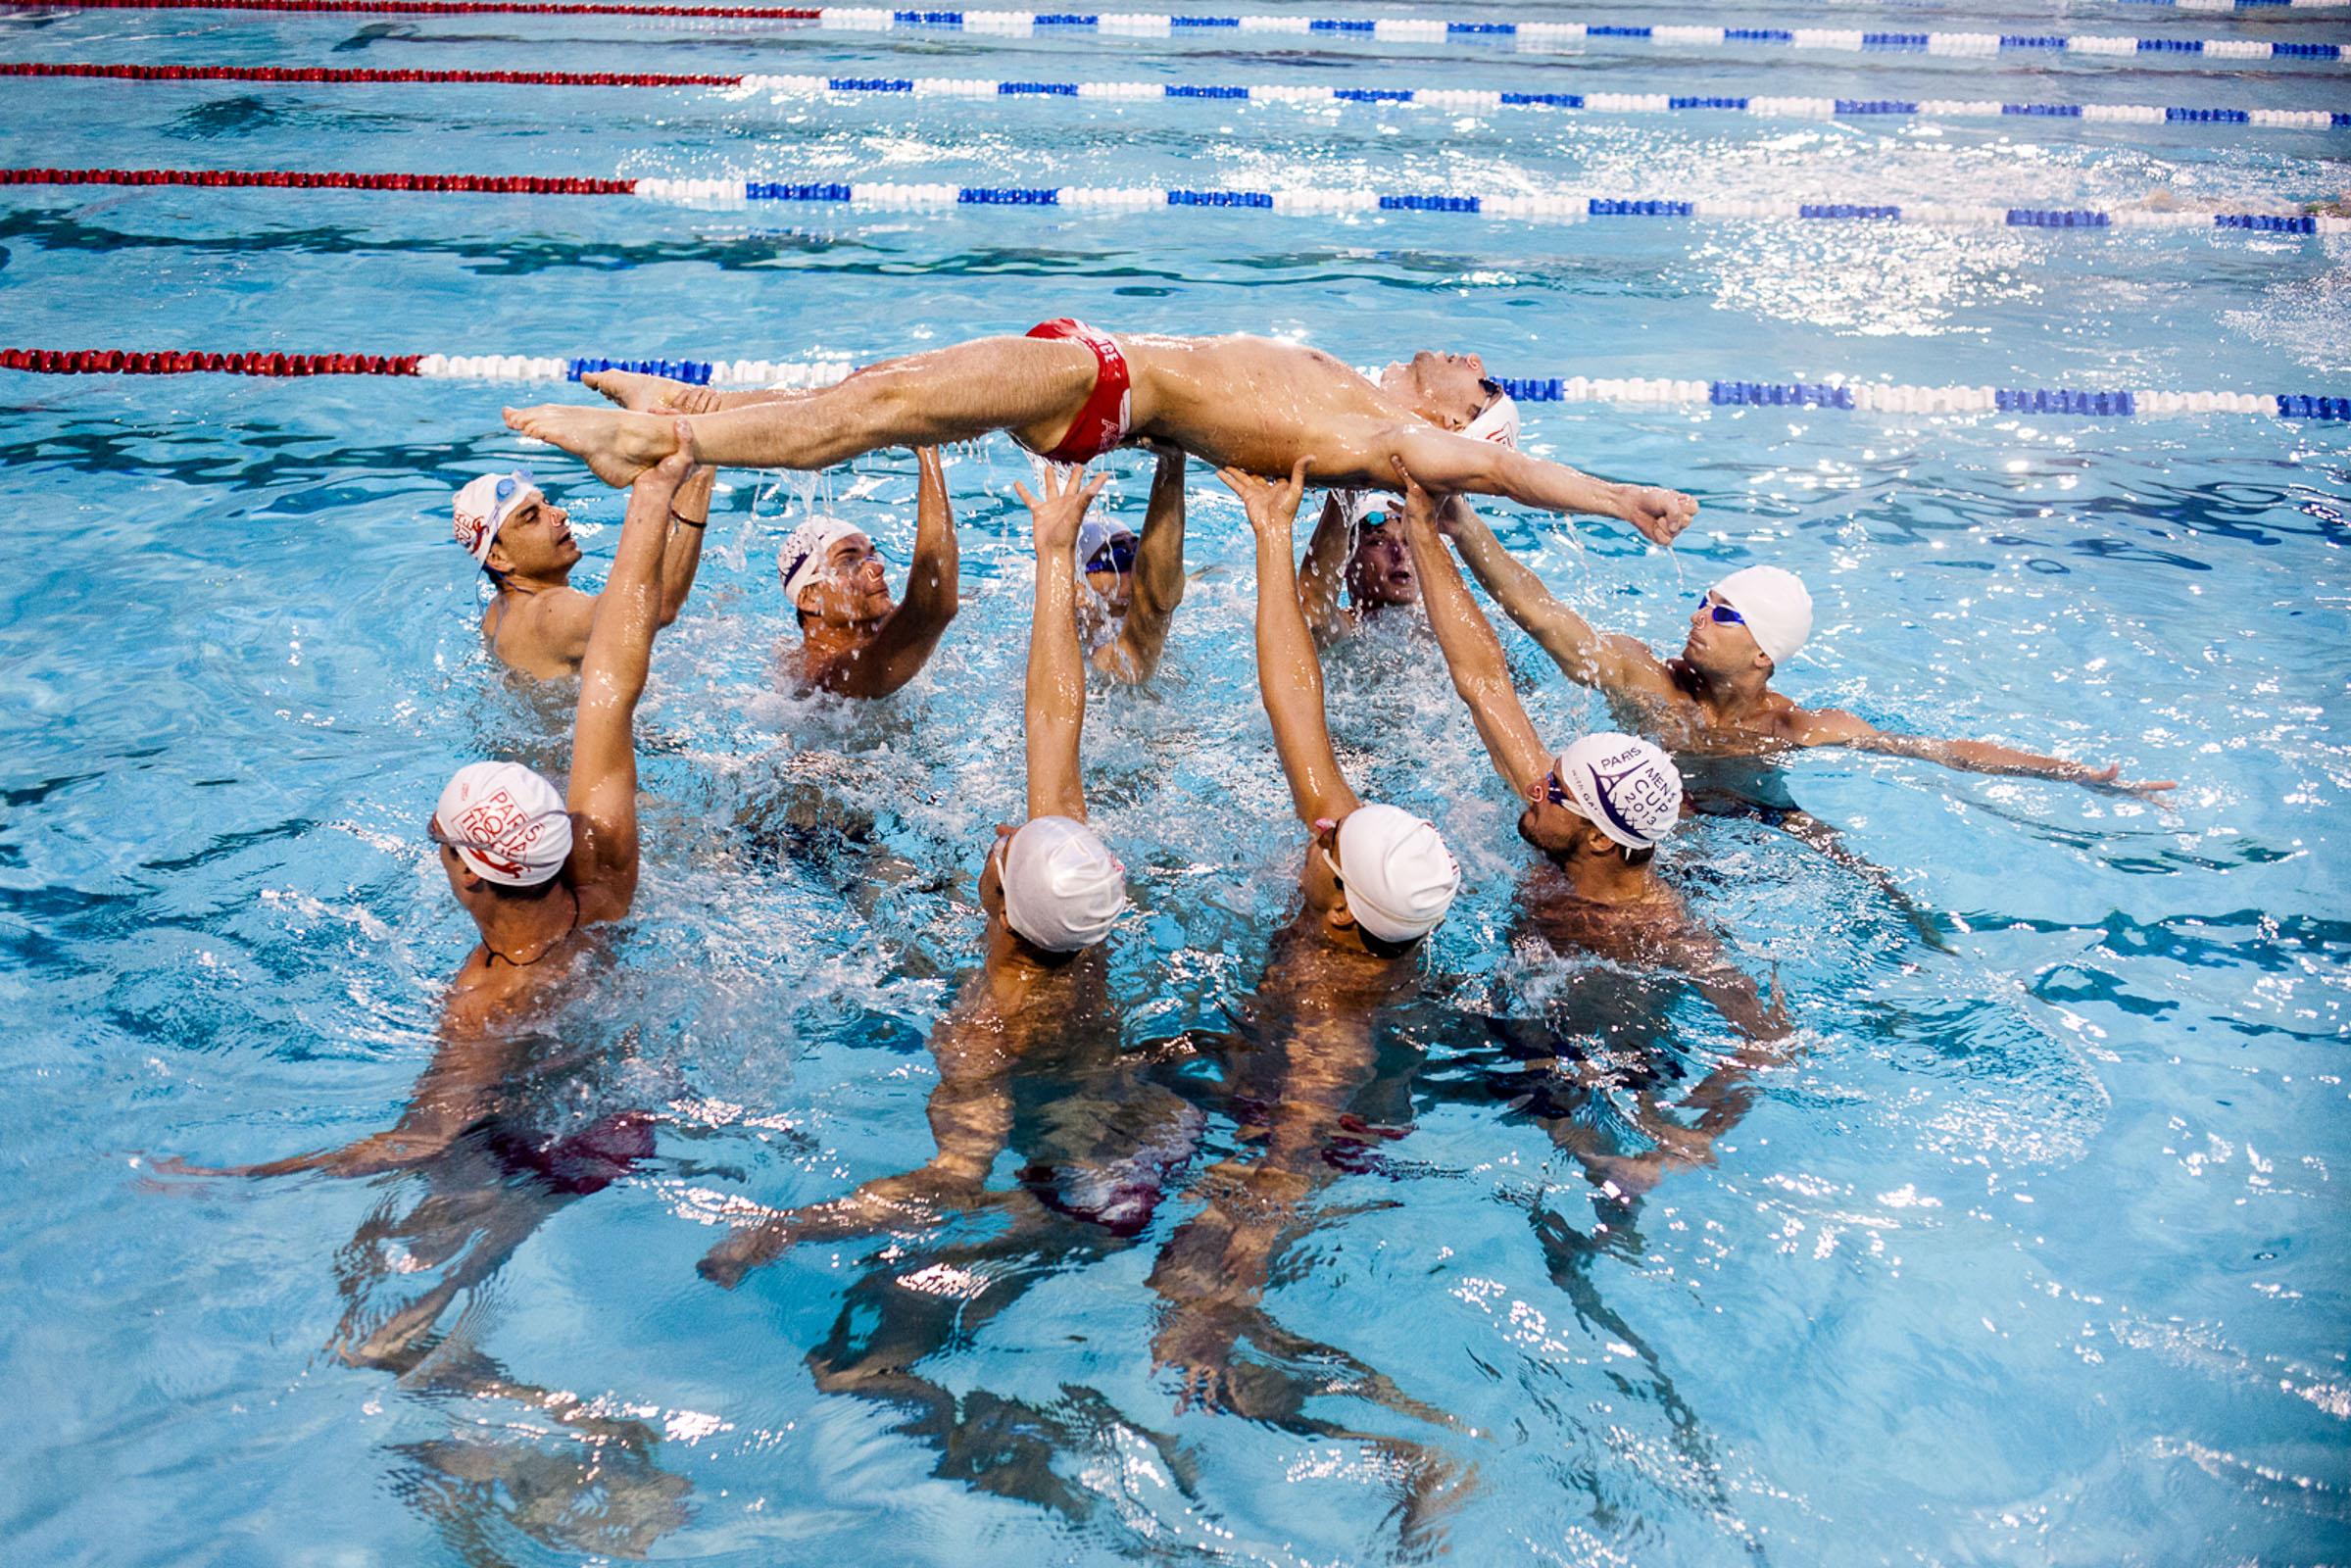 Paris, 17 Mai 2013. Un des derniers entrainements de l'équipe de natation synchronisée de l'équipe du Paris Aquatique avant le tournoi de Paris, qui s'est tenu du 17 au 21 Mai 2013.  Paris, 17th May 2013. One of the last trainings for the Paris Aquatique synchronized swimming team before the international Paris tournament which took place in the 17th-21st May.